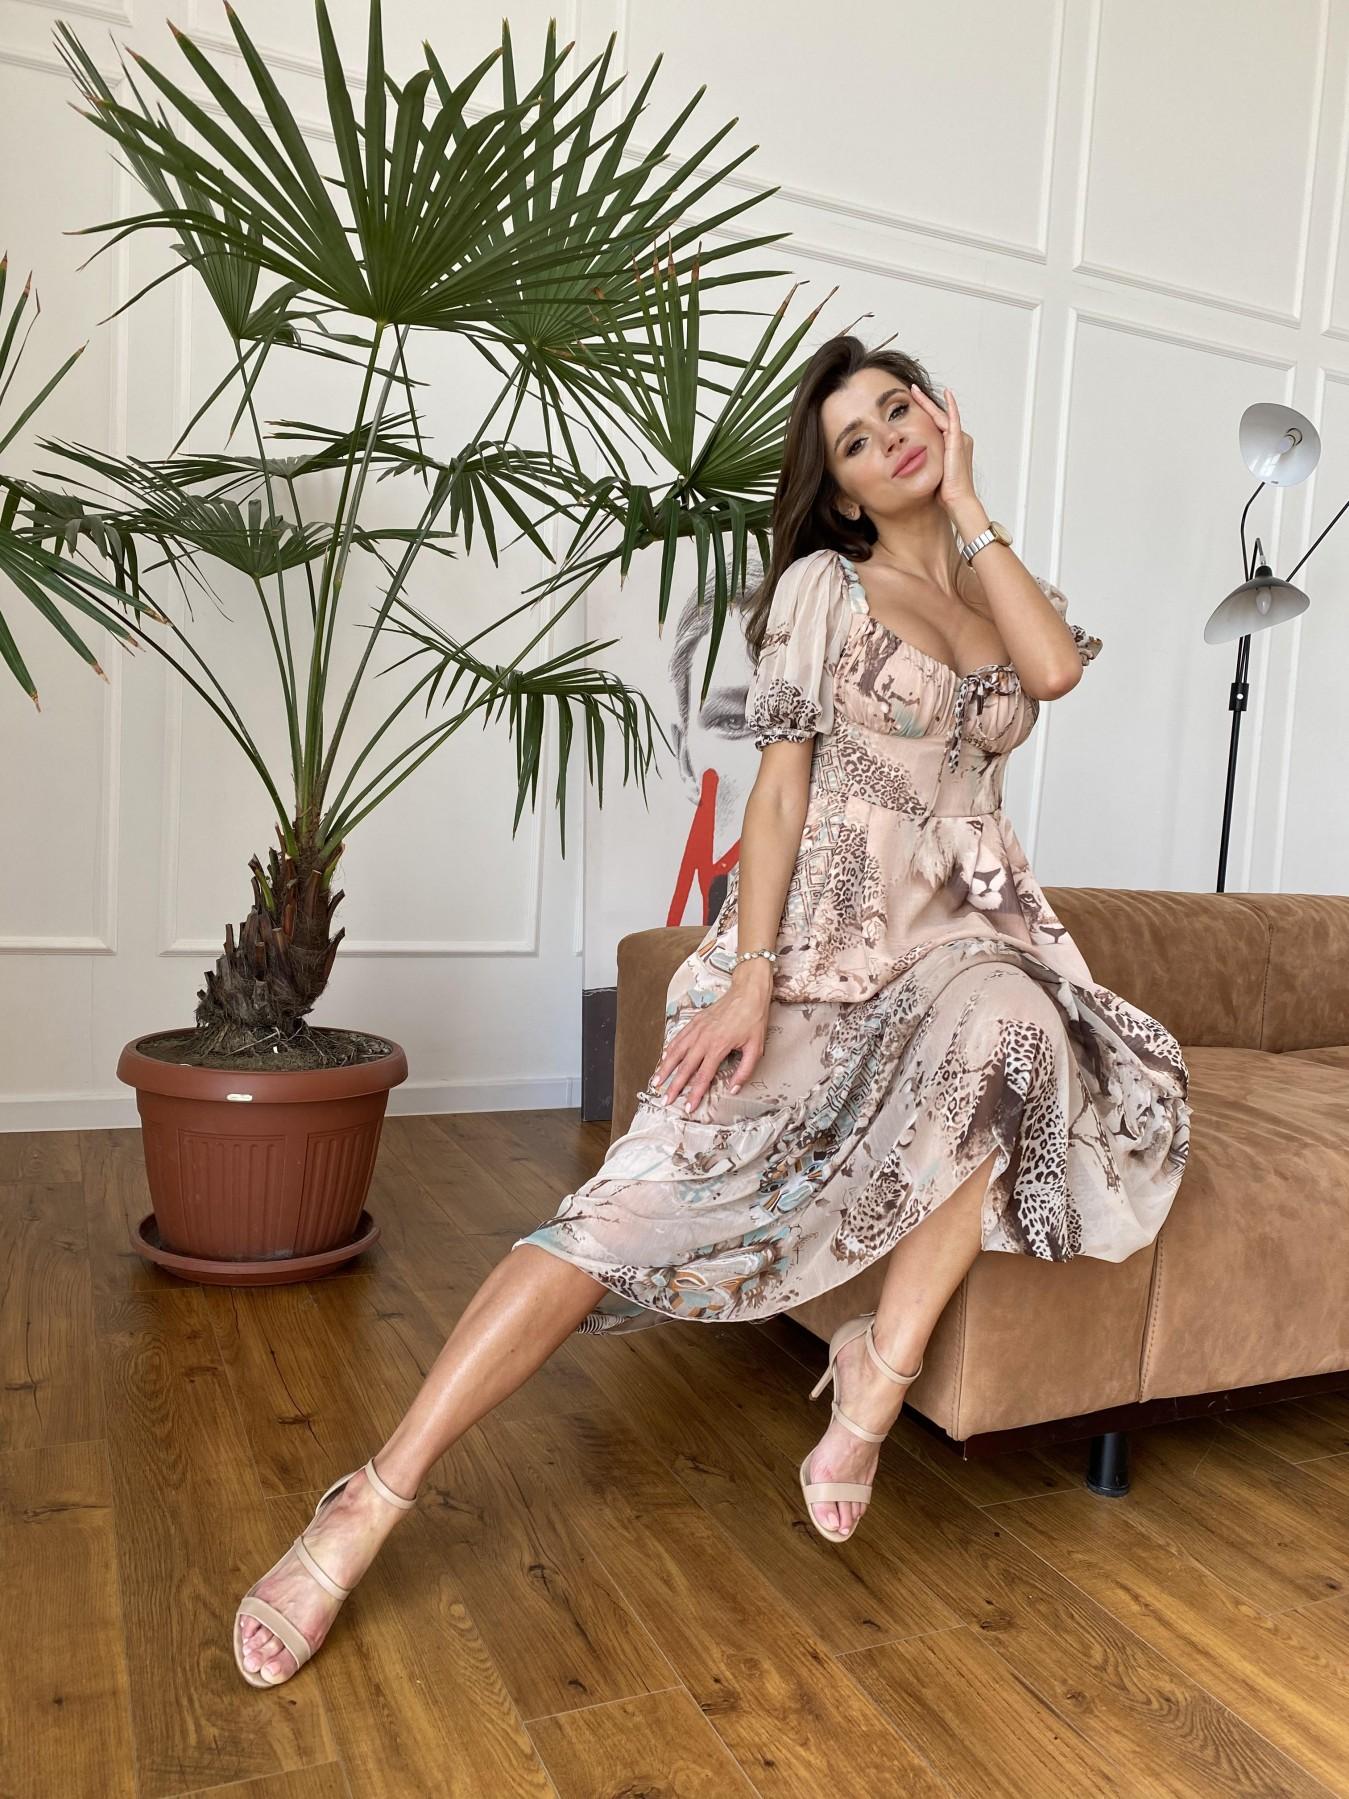 Лоретта платье из шифона в принт 11468 АРТ. 48265 Цвет: Бежевый/бирюзаЛеопард2 - фото 5, интернет магазин tm-modus.ru